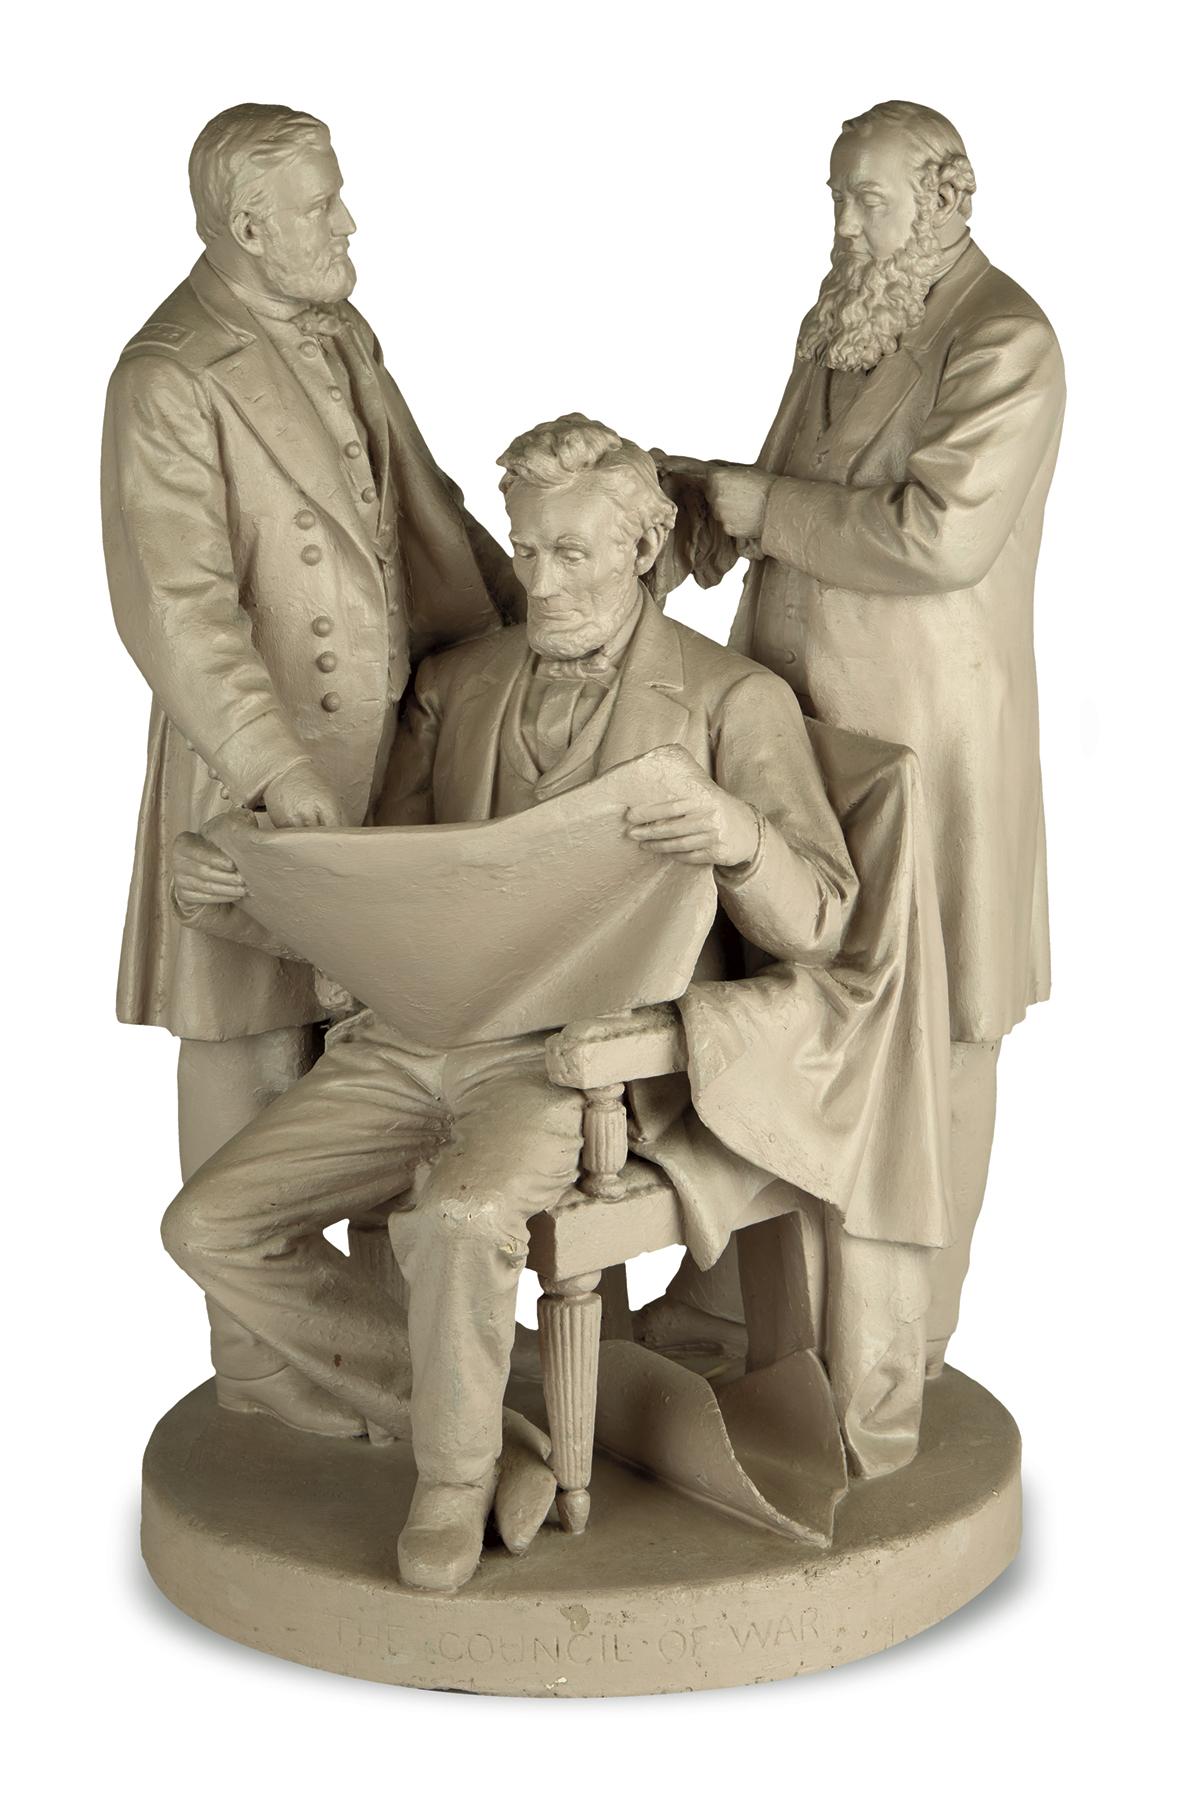 (SCULPTURE.) [Rogers, John; sculptor.] The Council of War.